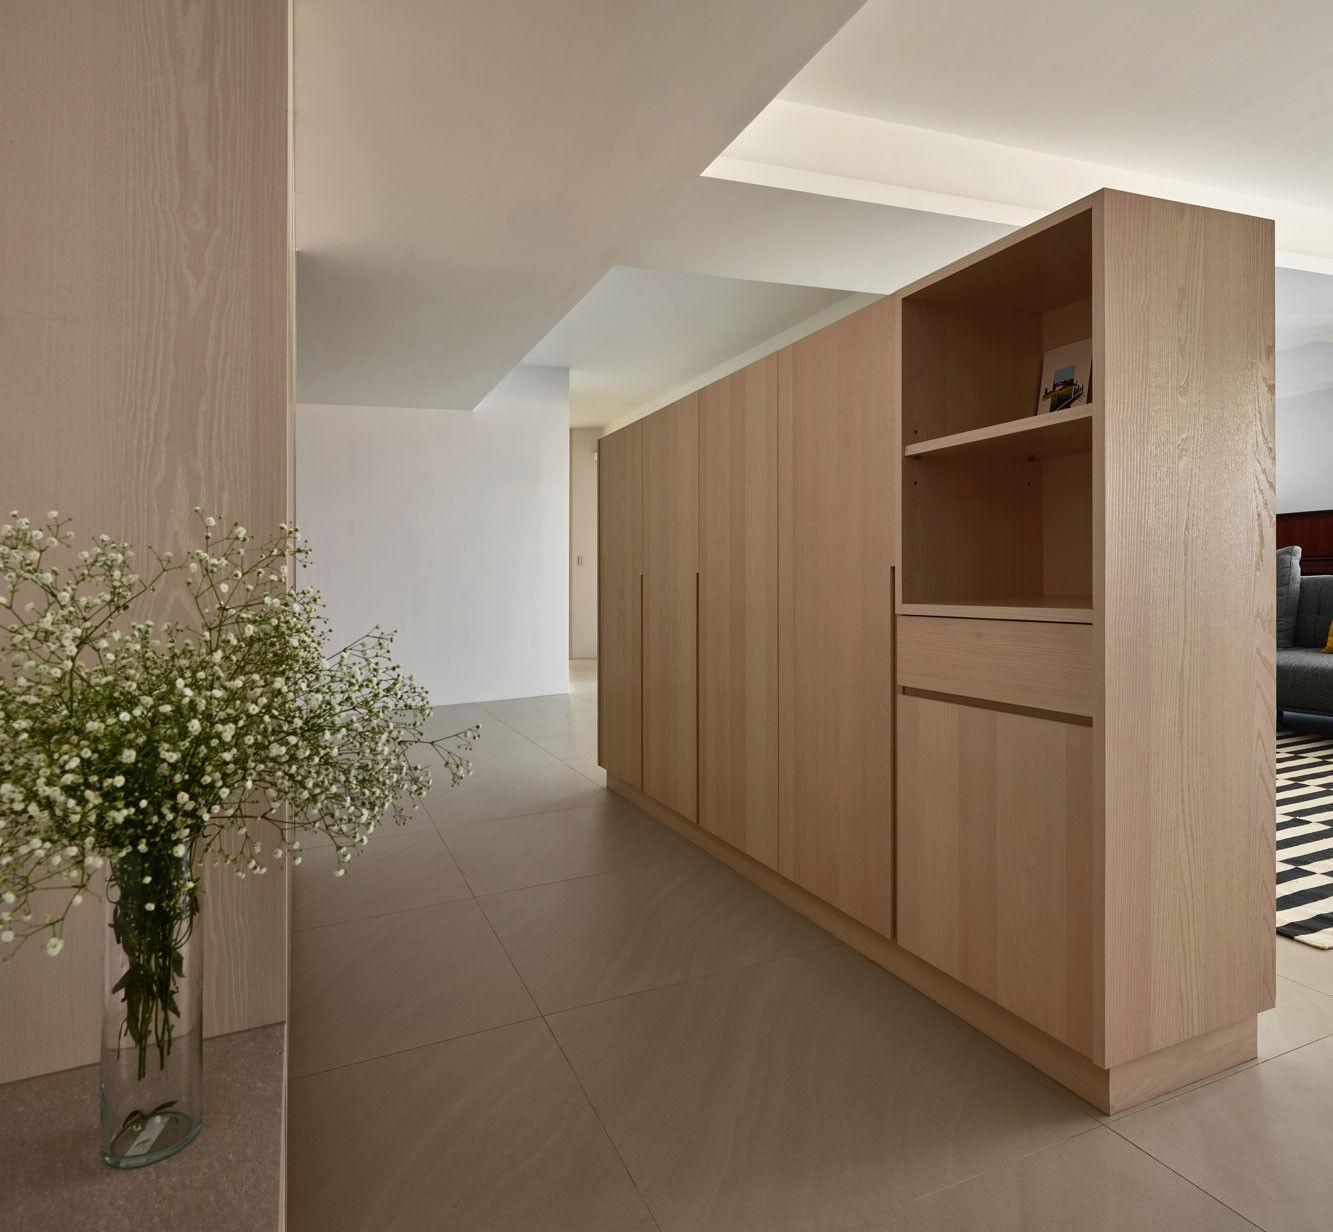 分子室內裝修設計 - 住宅設計 - House on A Hill - 客廳電視櫃收納